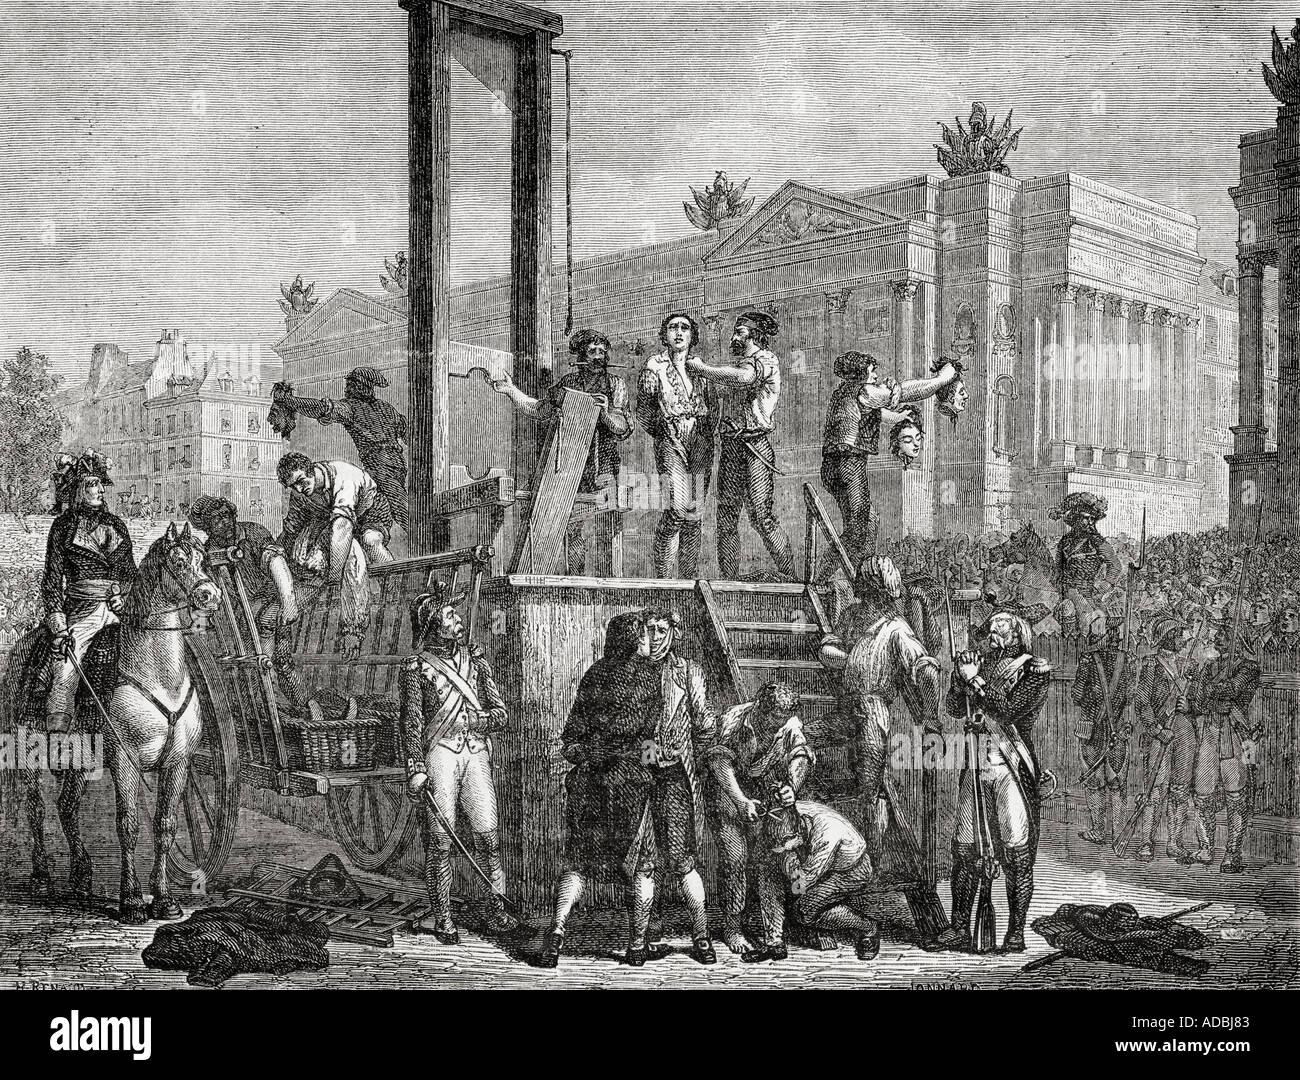 Esecuzione di Robespierre e Saint Just e altri durante la Rivoluzione Francese, 1794. Immagini Stock